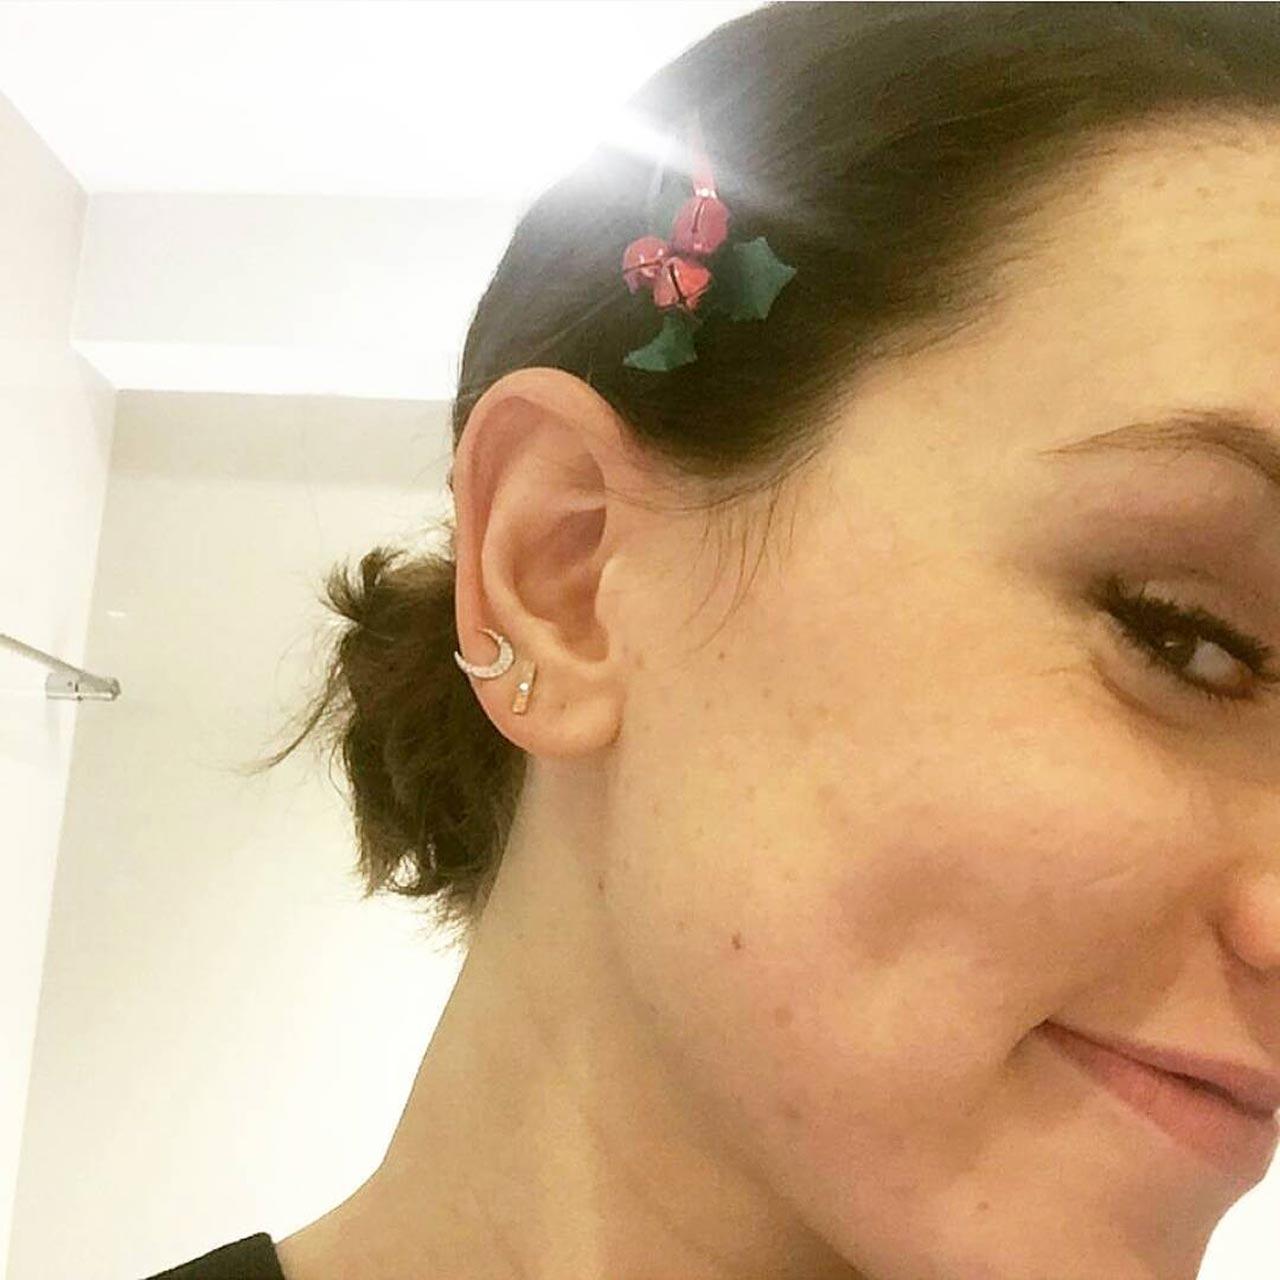 Daisy ridley leaked photos